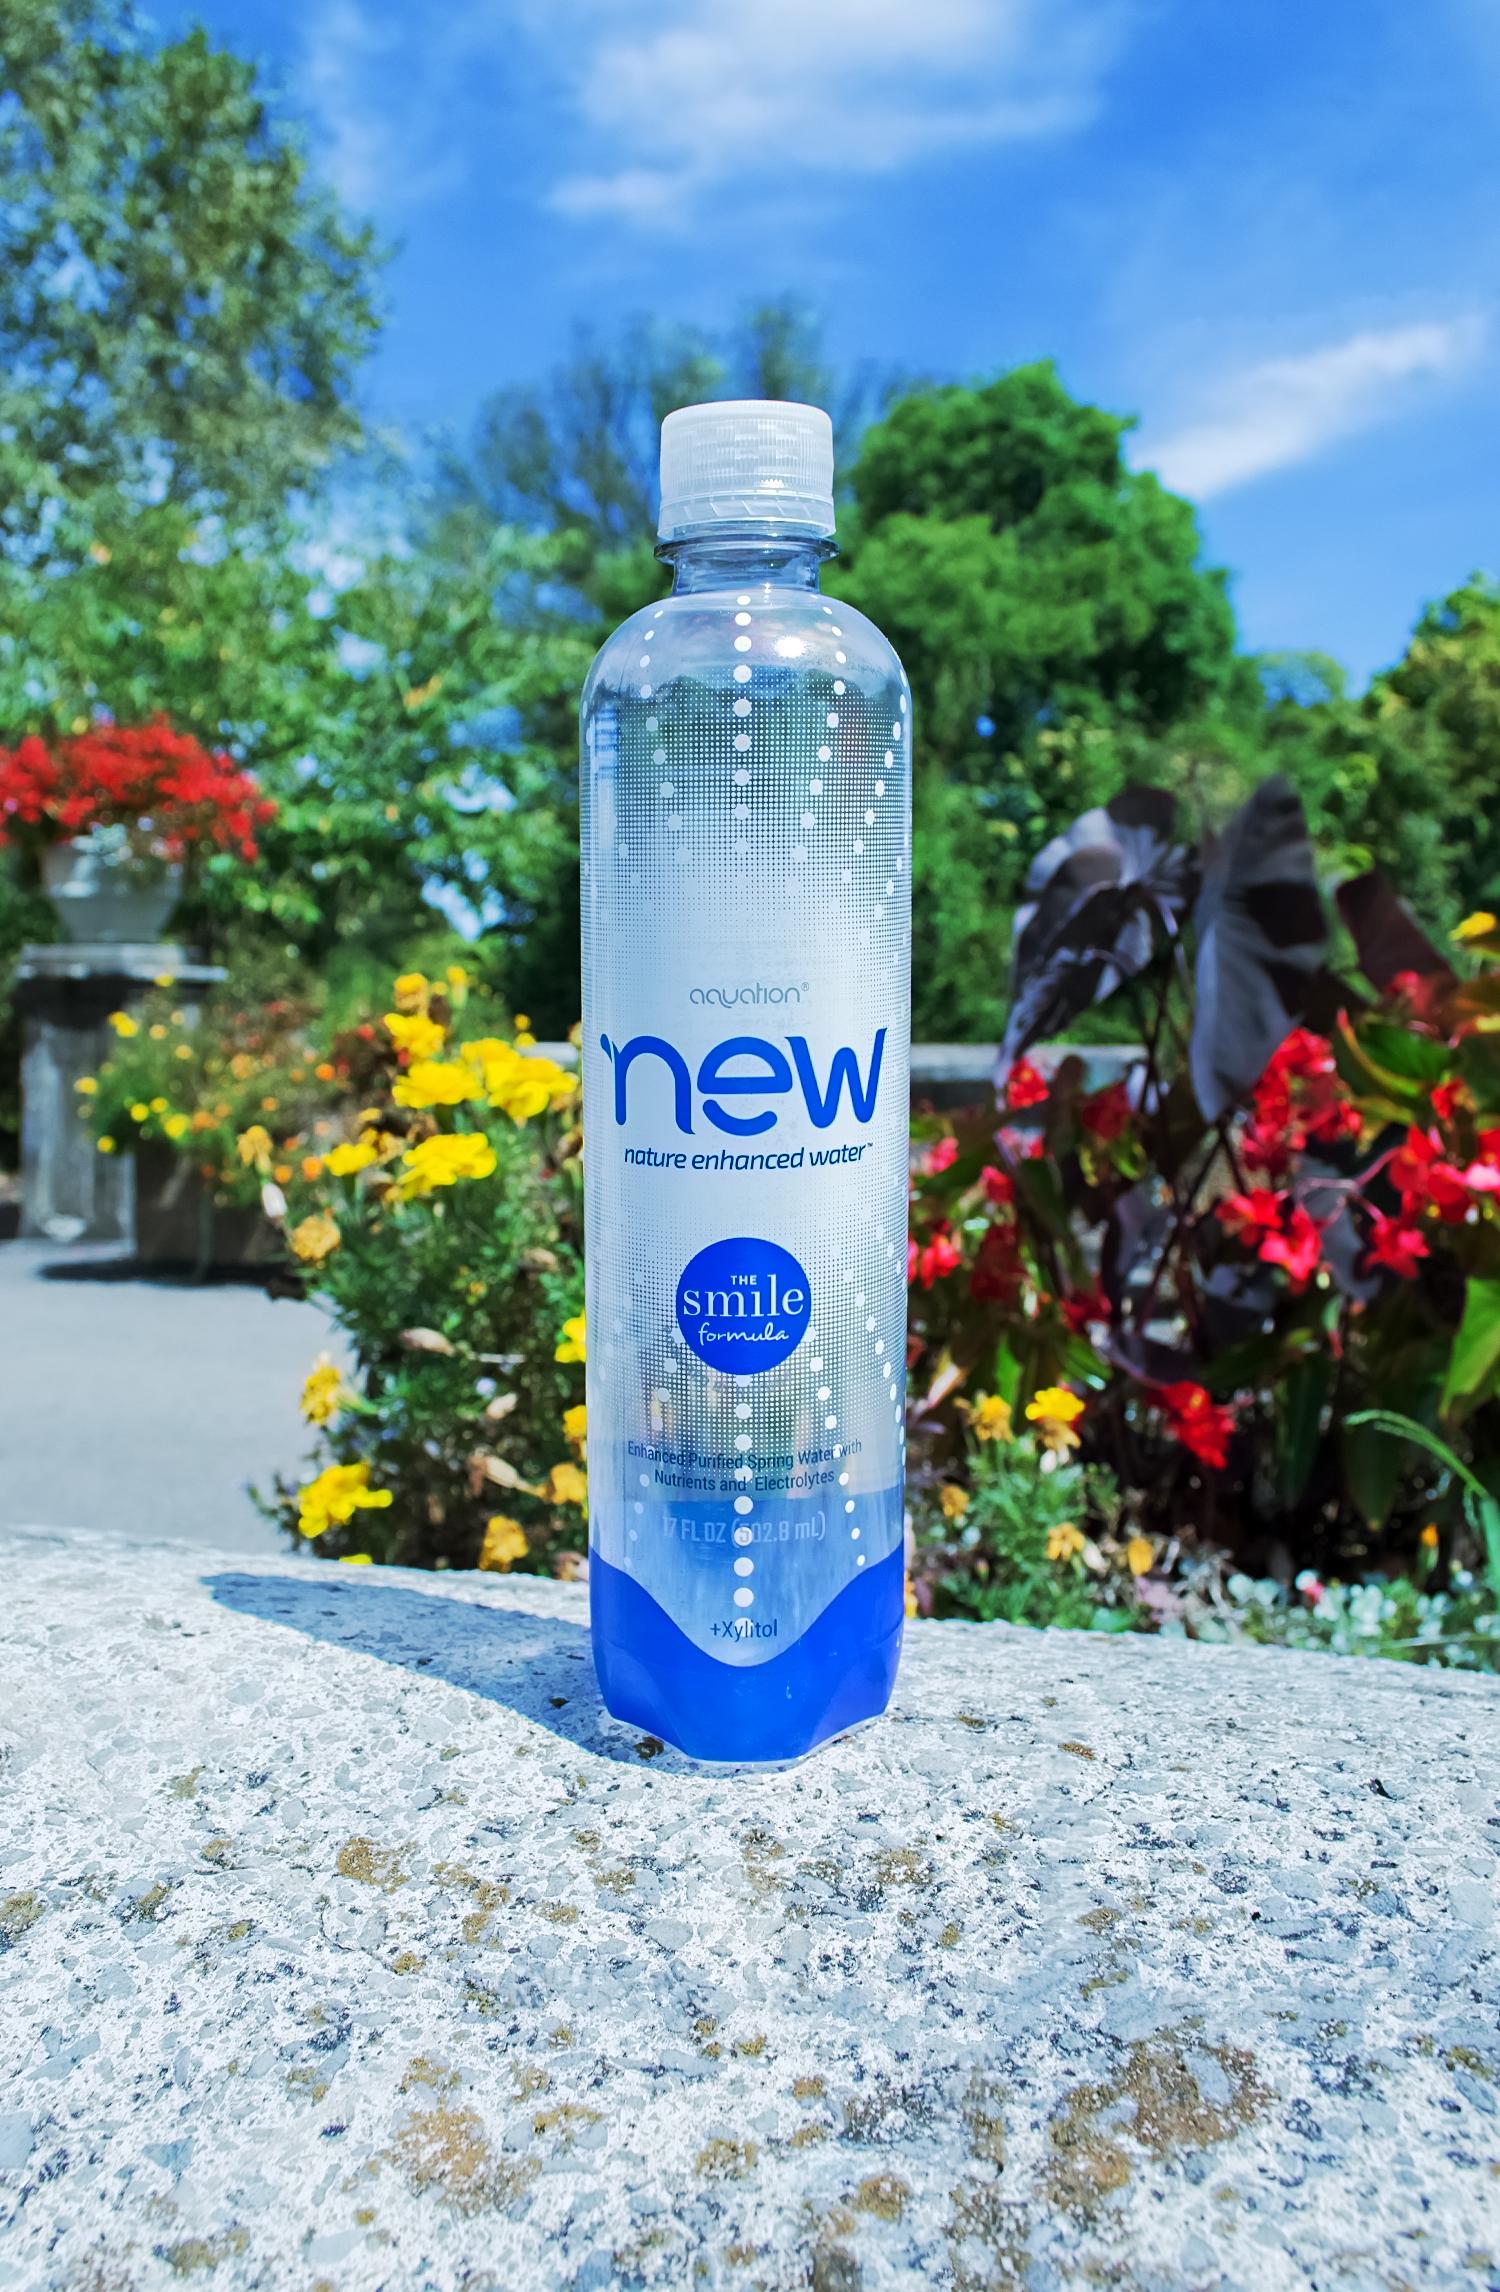 new-blue-bottle.jpg